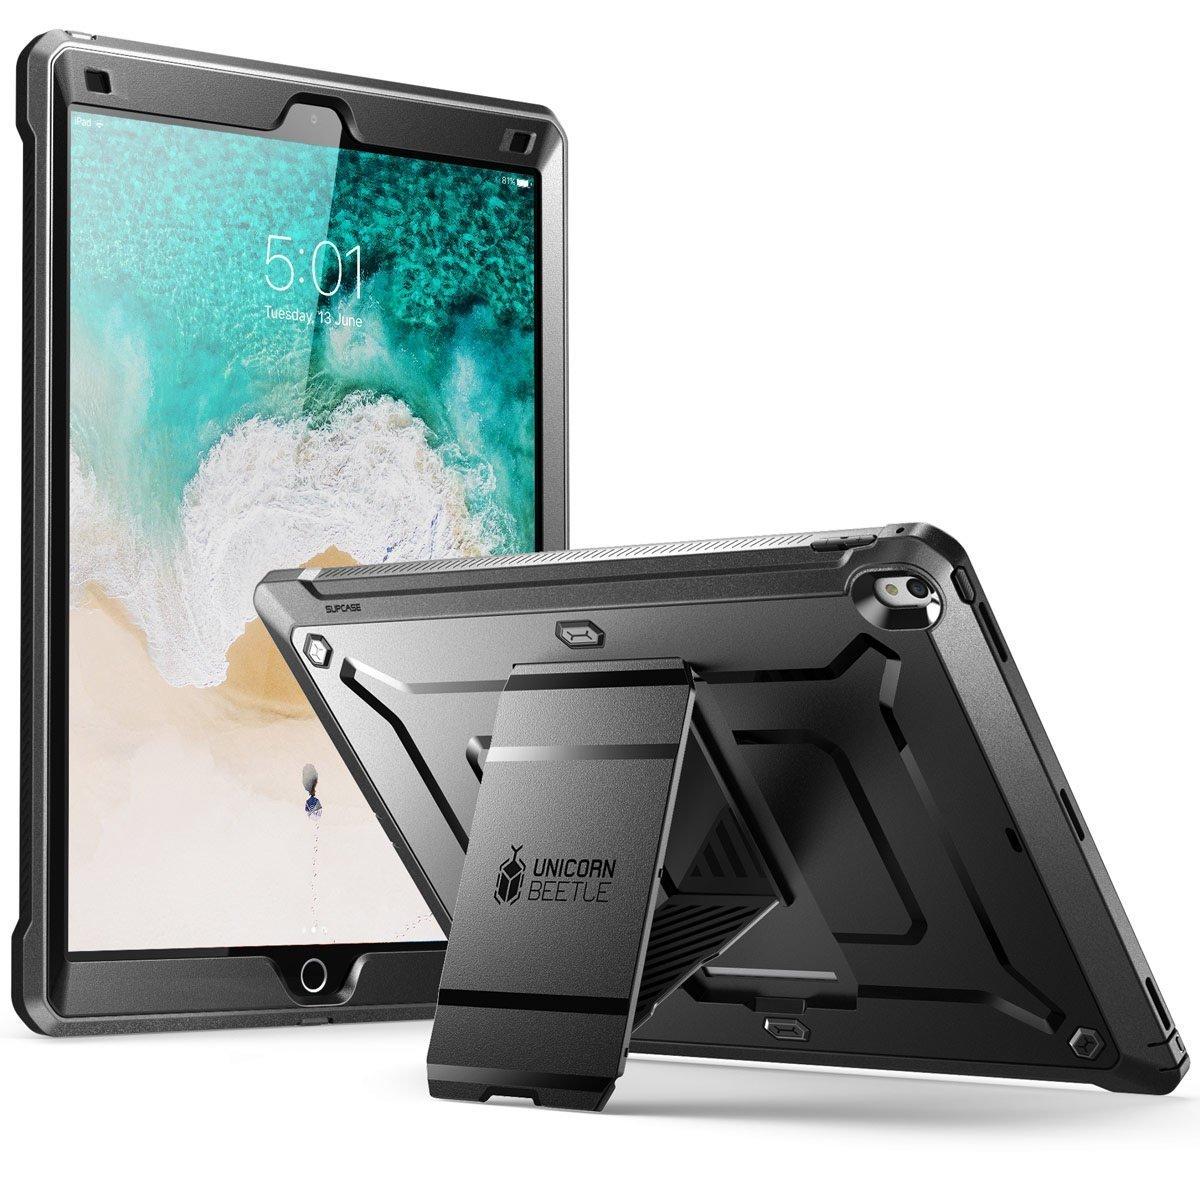 """Case Ipad 9,7"""" Ipad 5 IPad 6 Ipad 2017 2018 Supcase color Negro 00338"""